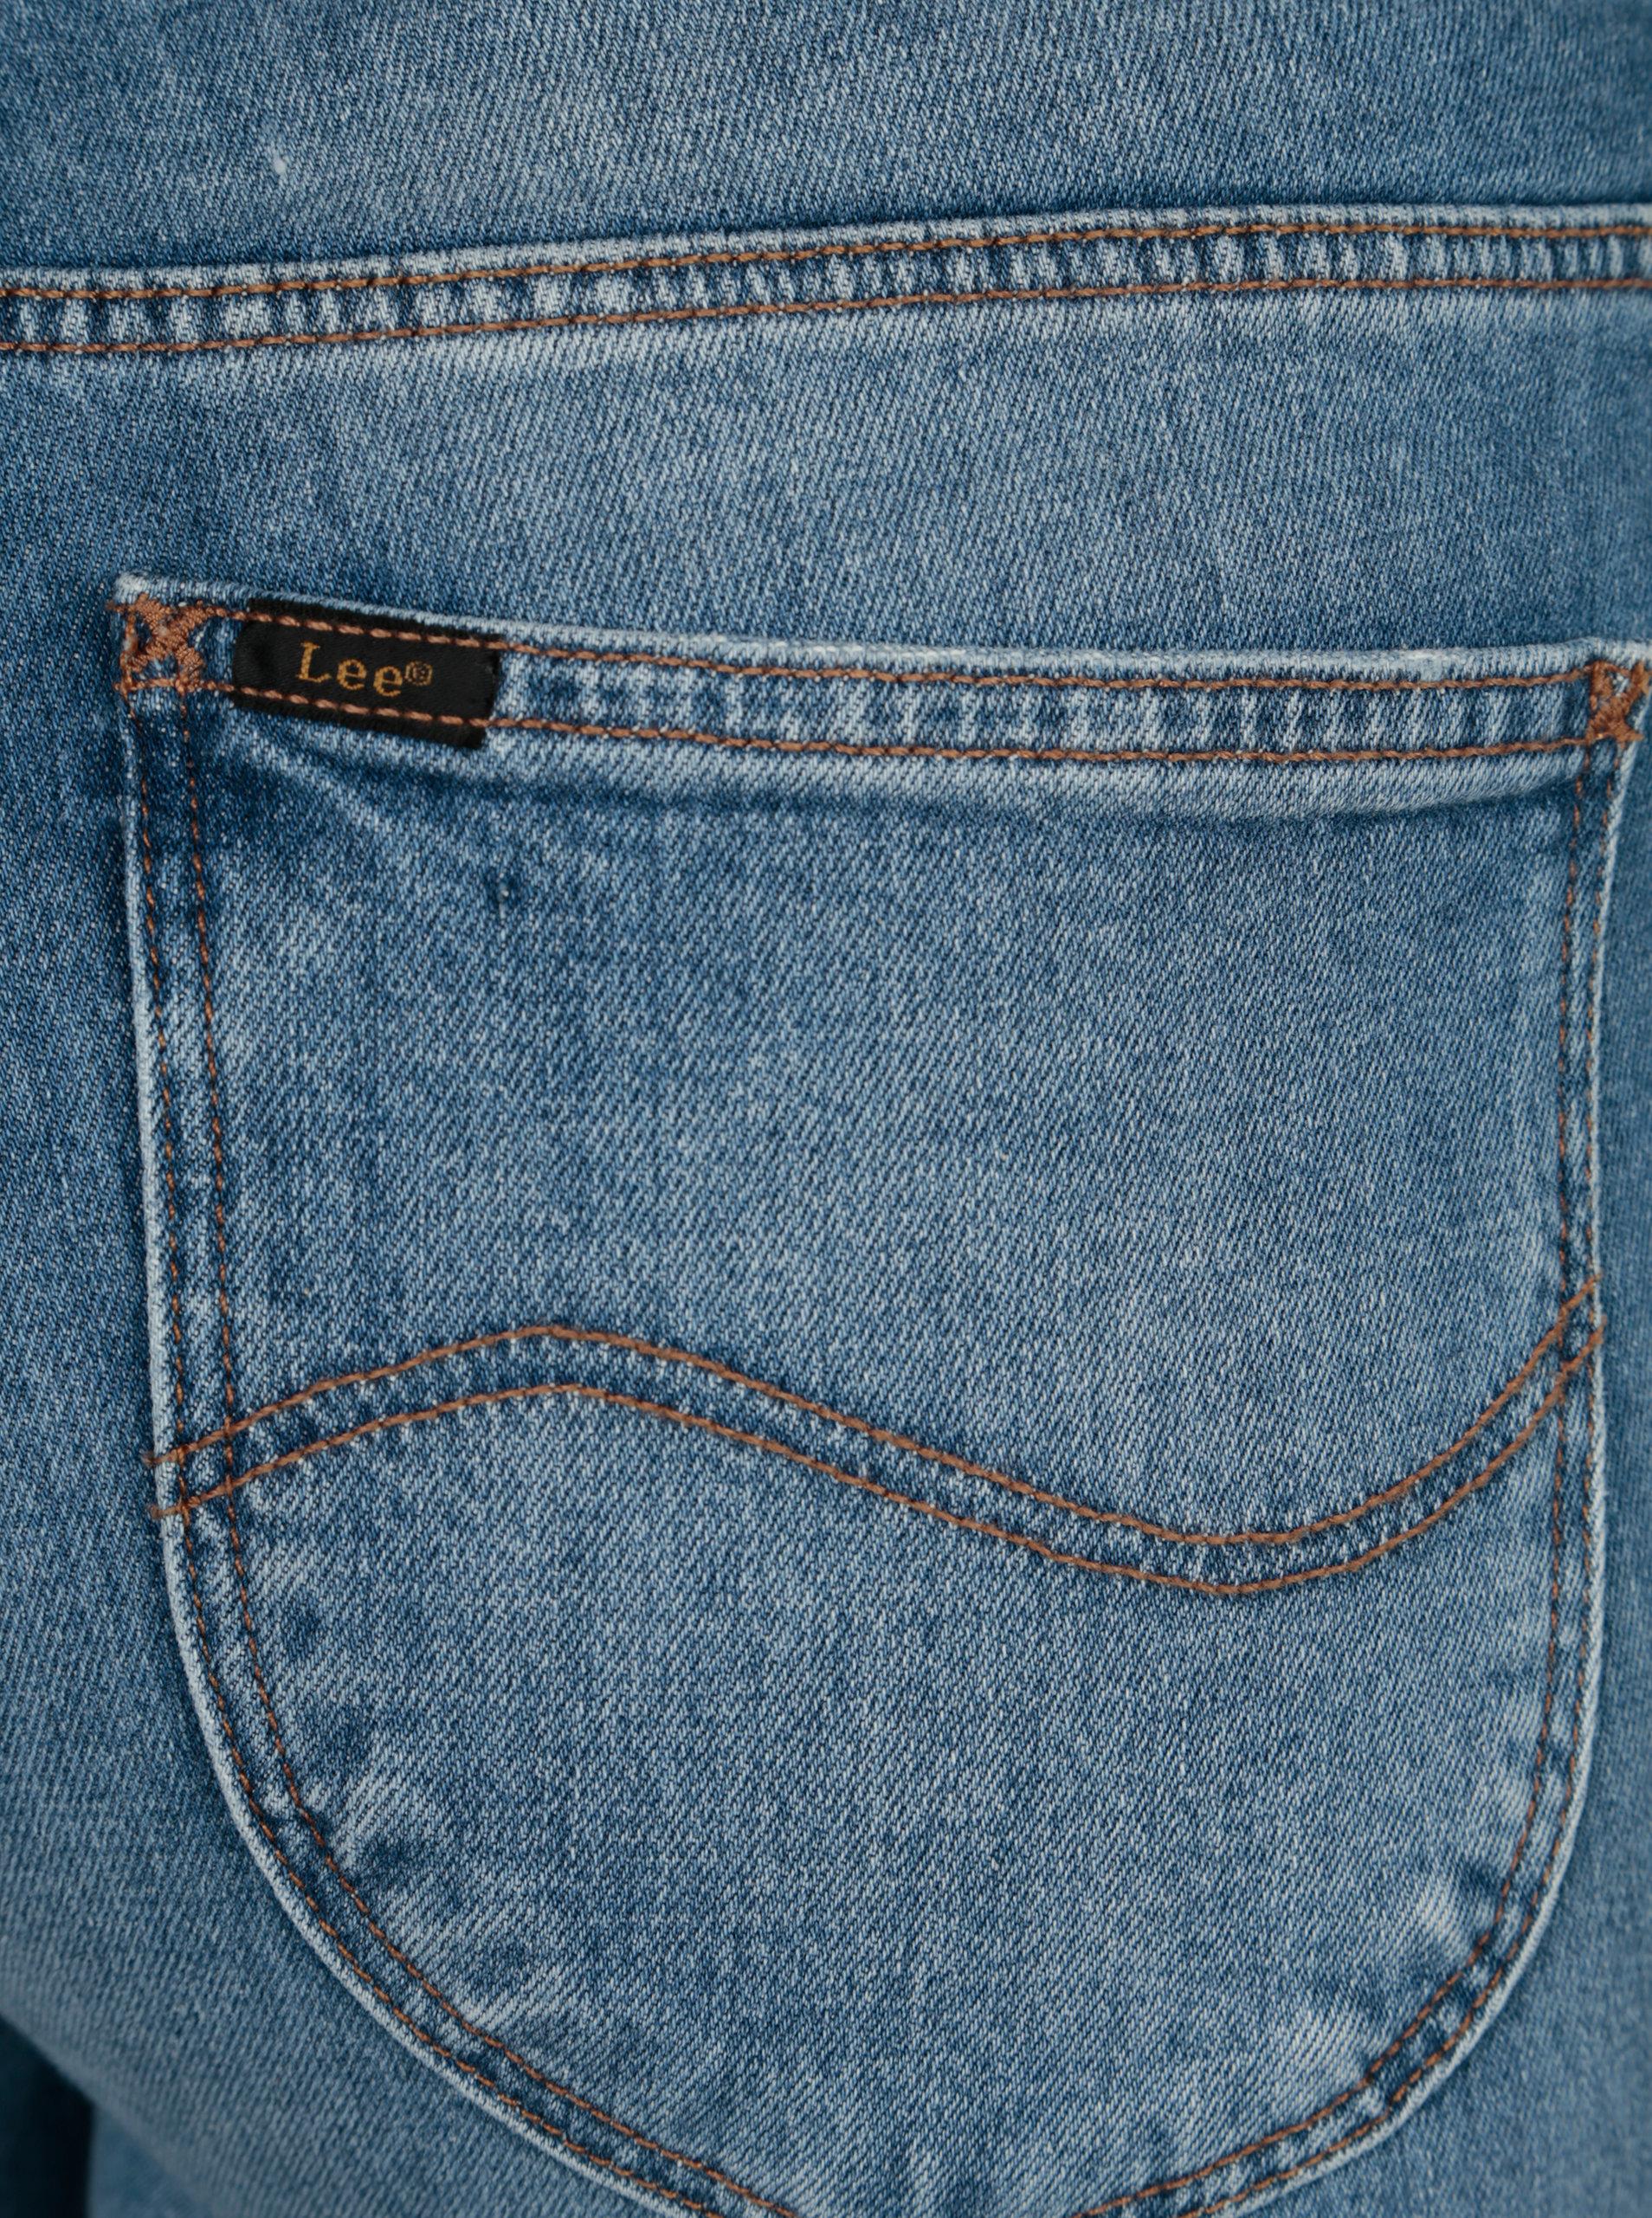 2ef969aad39 Modré dámské slim džíny Lee Elly ...